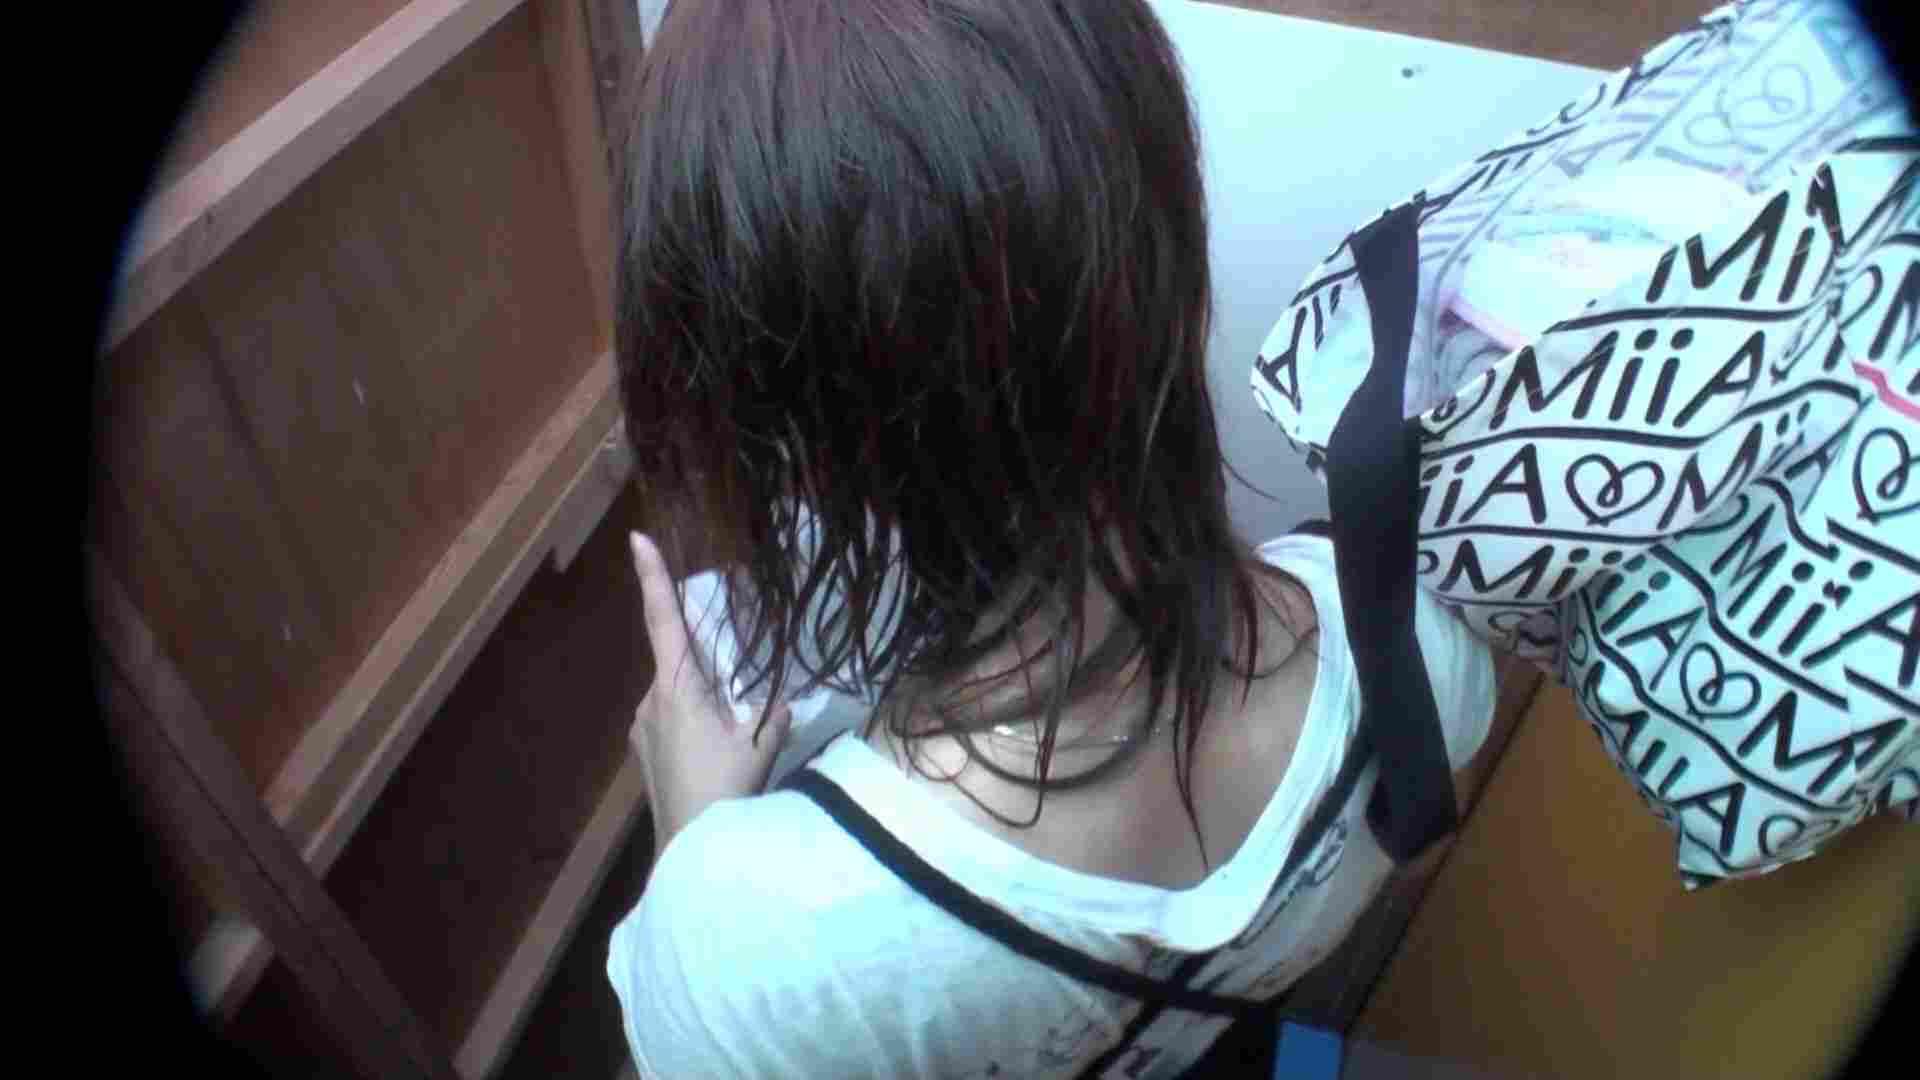 シャワールームは超!!危険な香りVol.20 乳首が見えるのはほんの一瞬です 背中をお楽しみ下さい・・・ 乳首  78pic 7